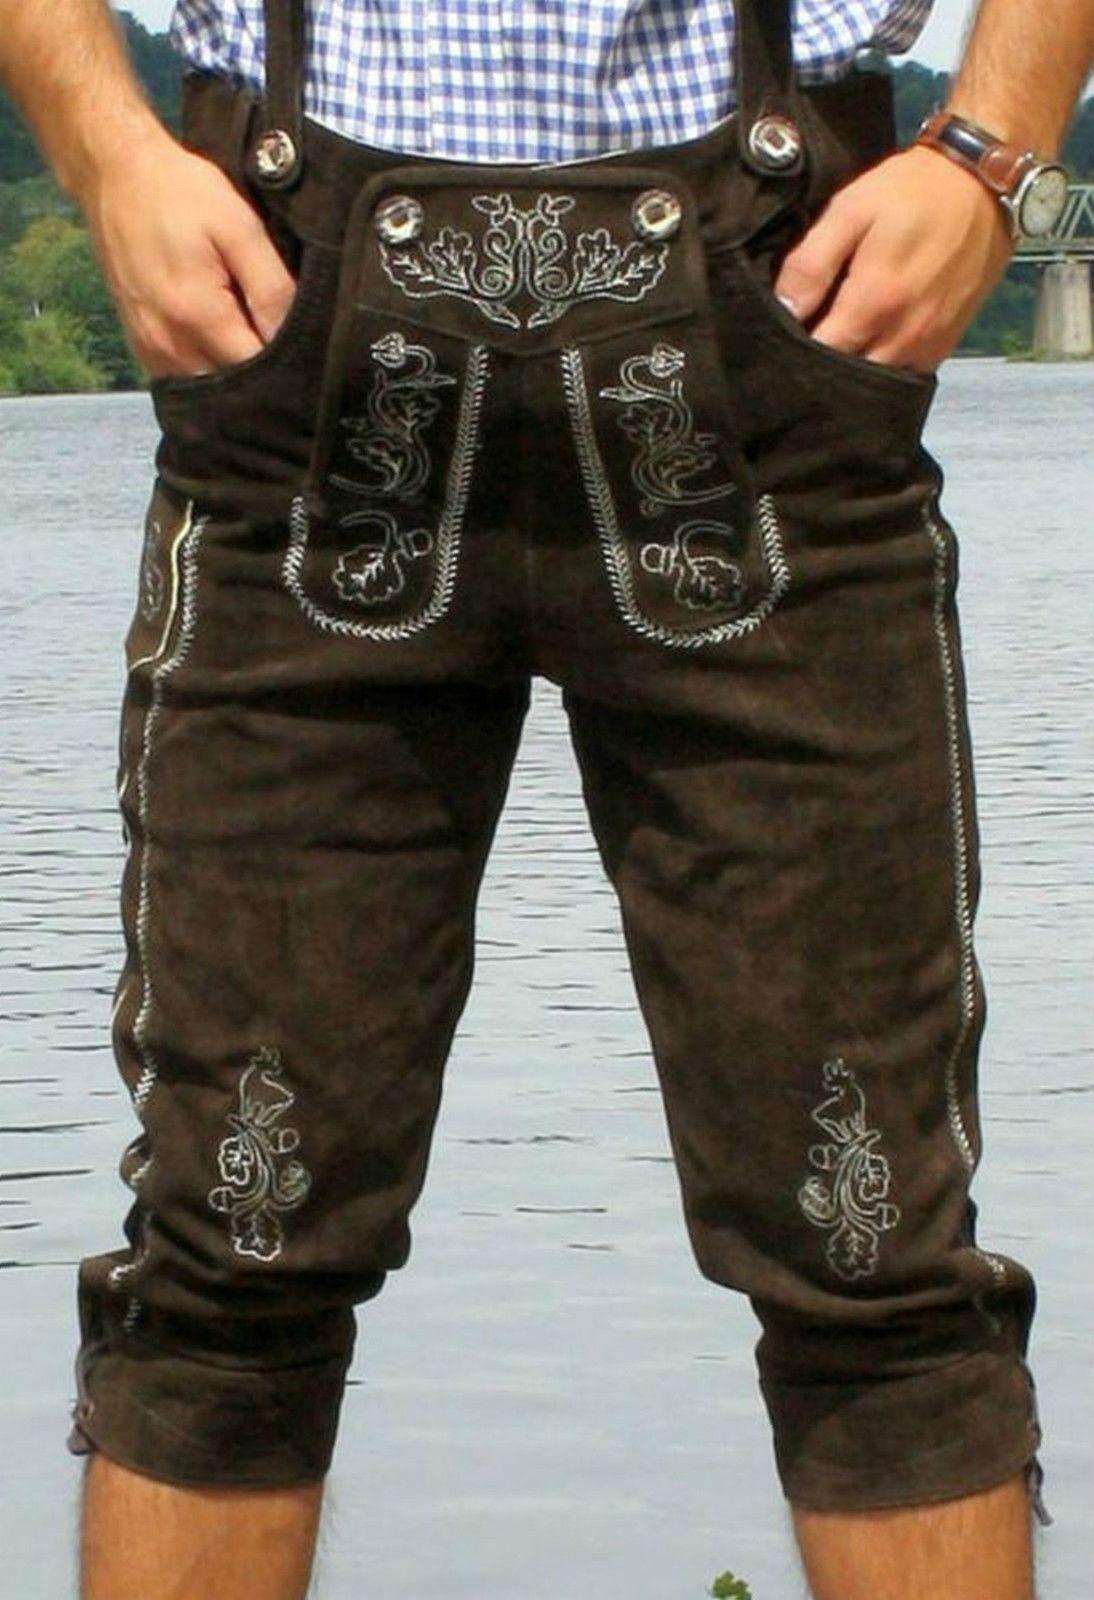 Trachten Lederhose neu Dunkelbraun Modell Wiesn 46-48-50-52-54-56-58-60 + Träger